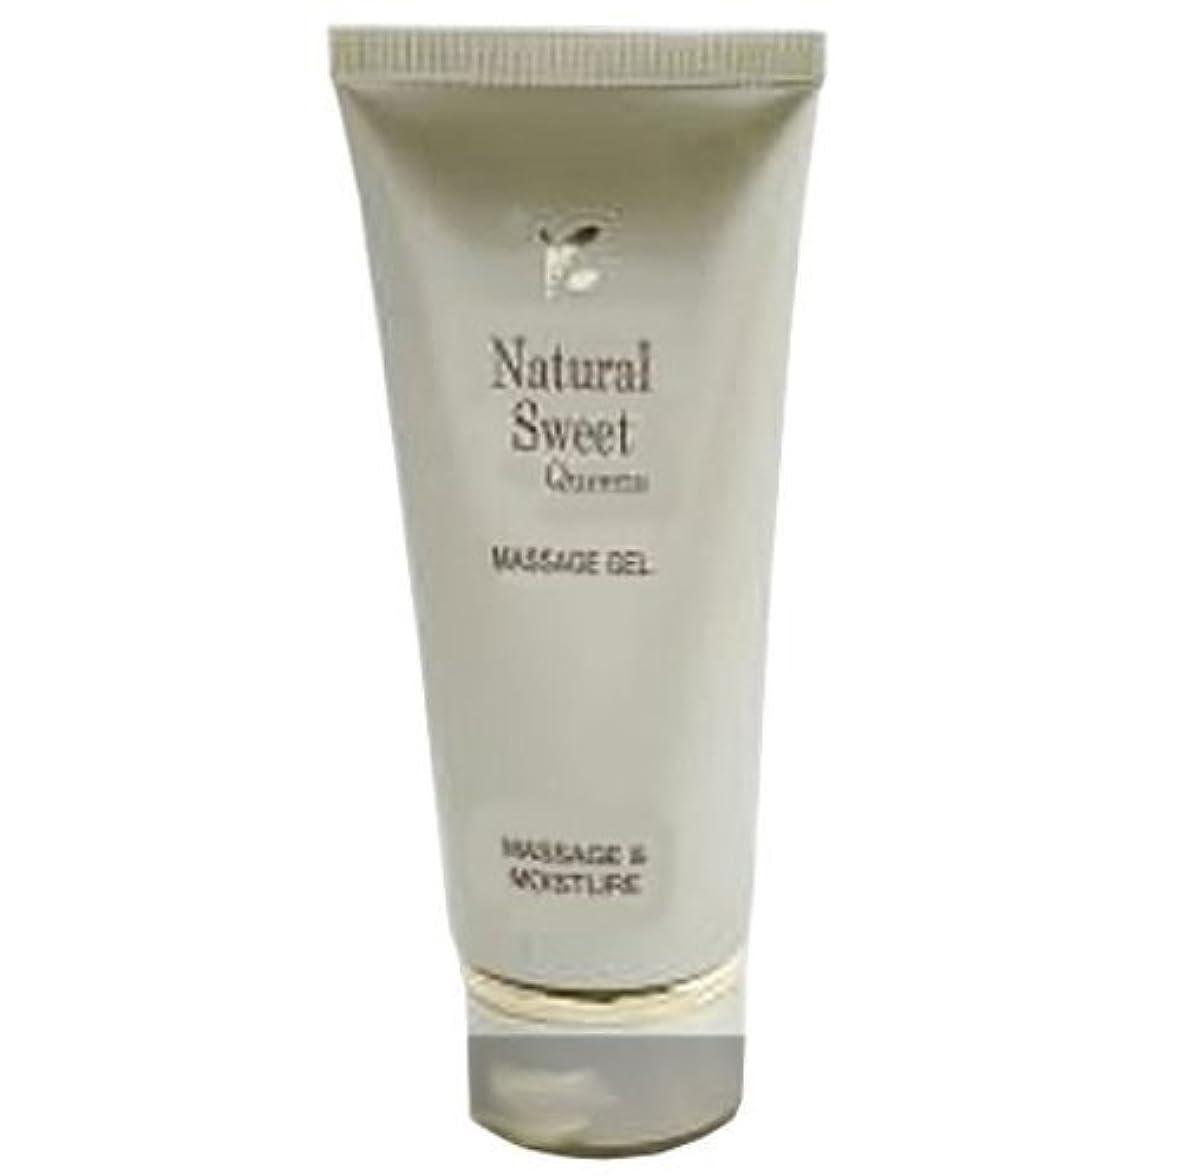 化合物収まる実用的ジュポン化粧品 ナチュラルスィート クィーンス マッサージジェル 120g